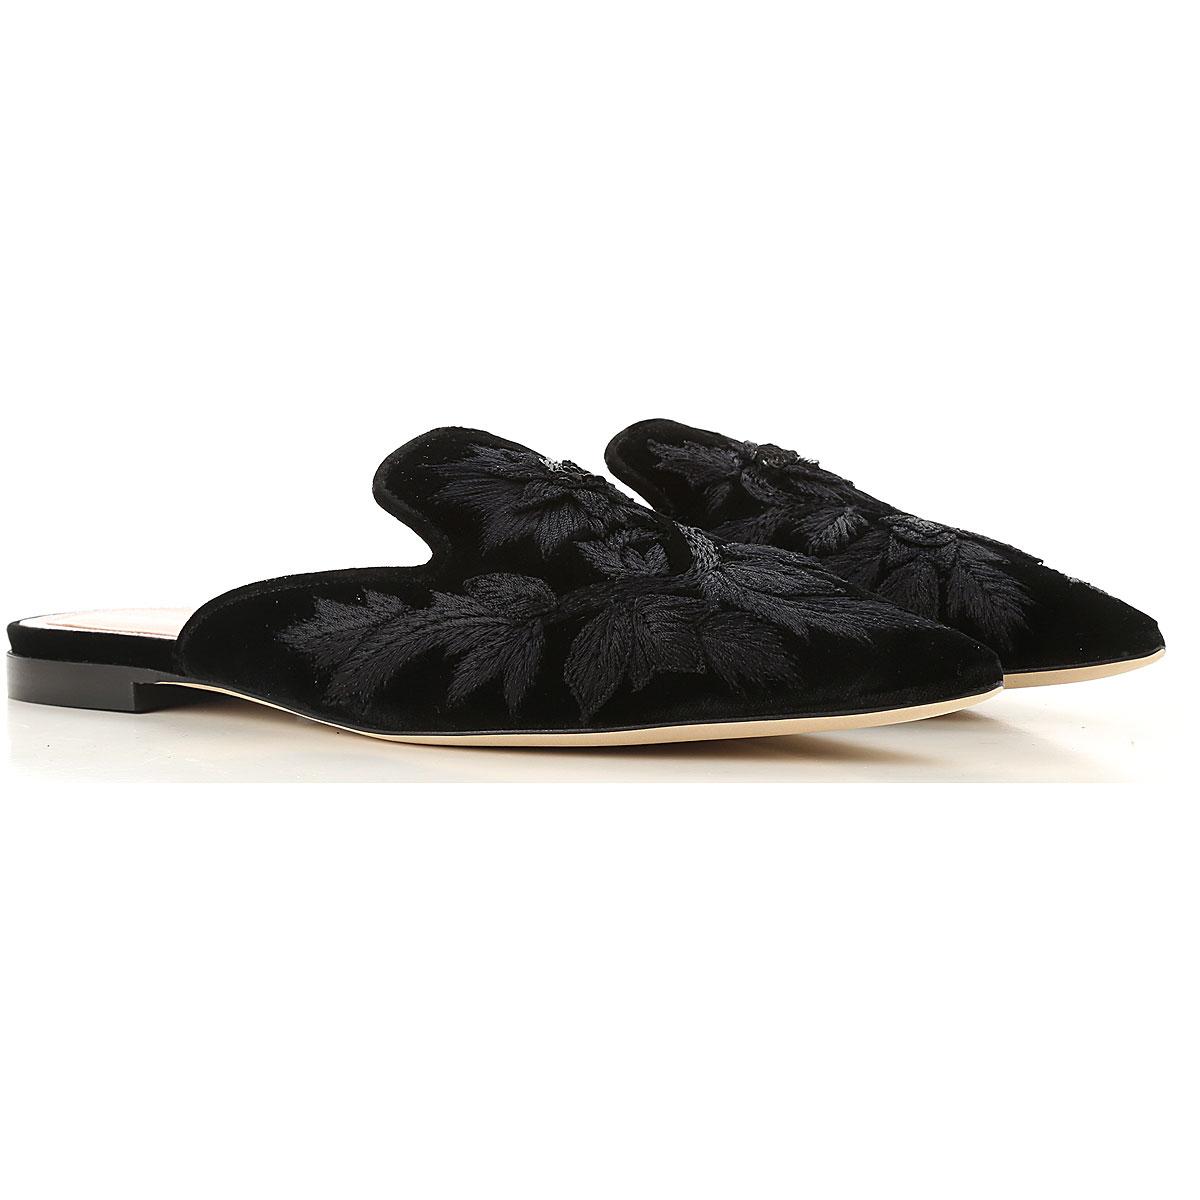 Image of Alberta Ferretti Sandals for Women, Black, Cotton, 2017, 10 6 7 8 9